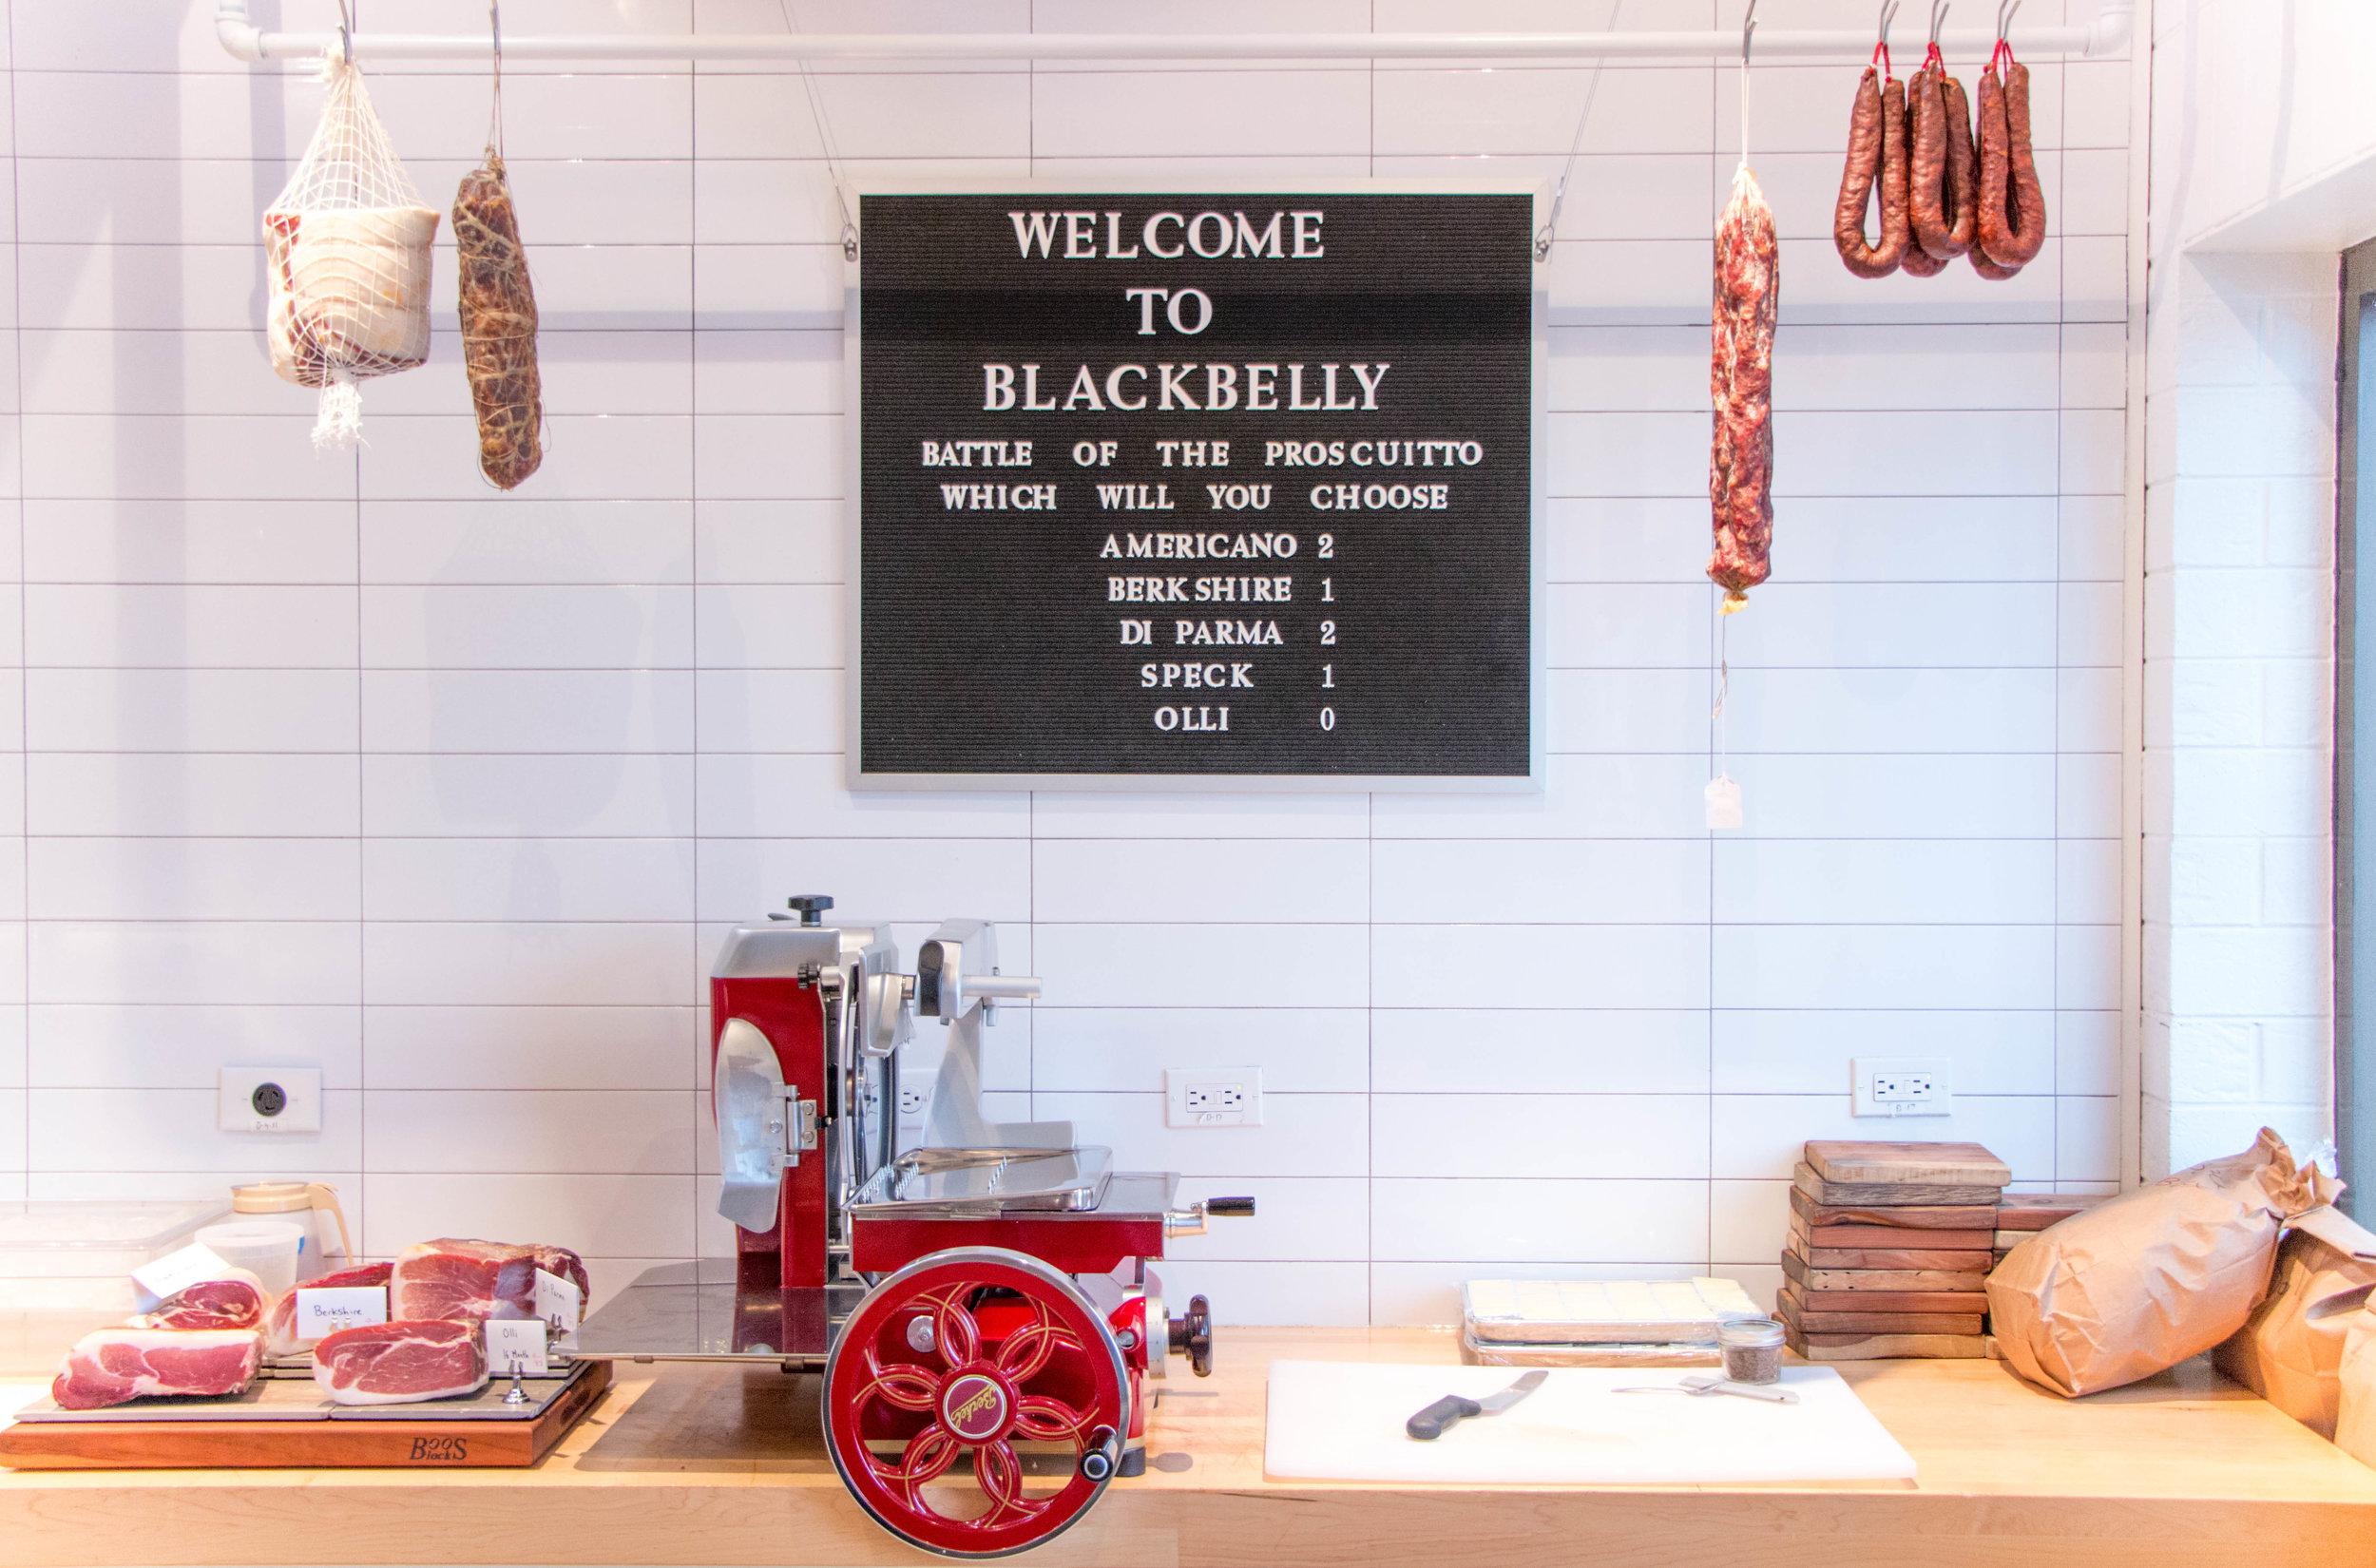 Blackbelly Deli Slicer.jpg